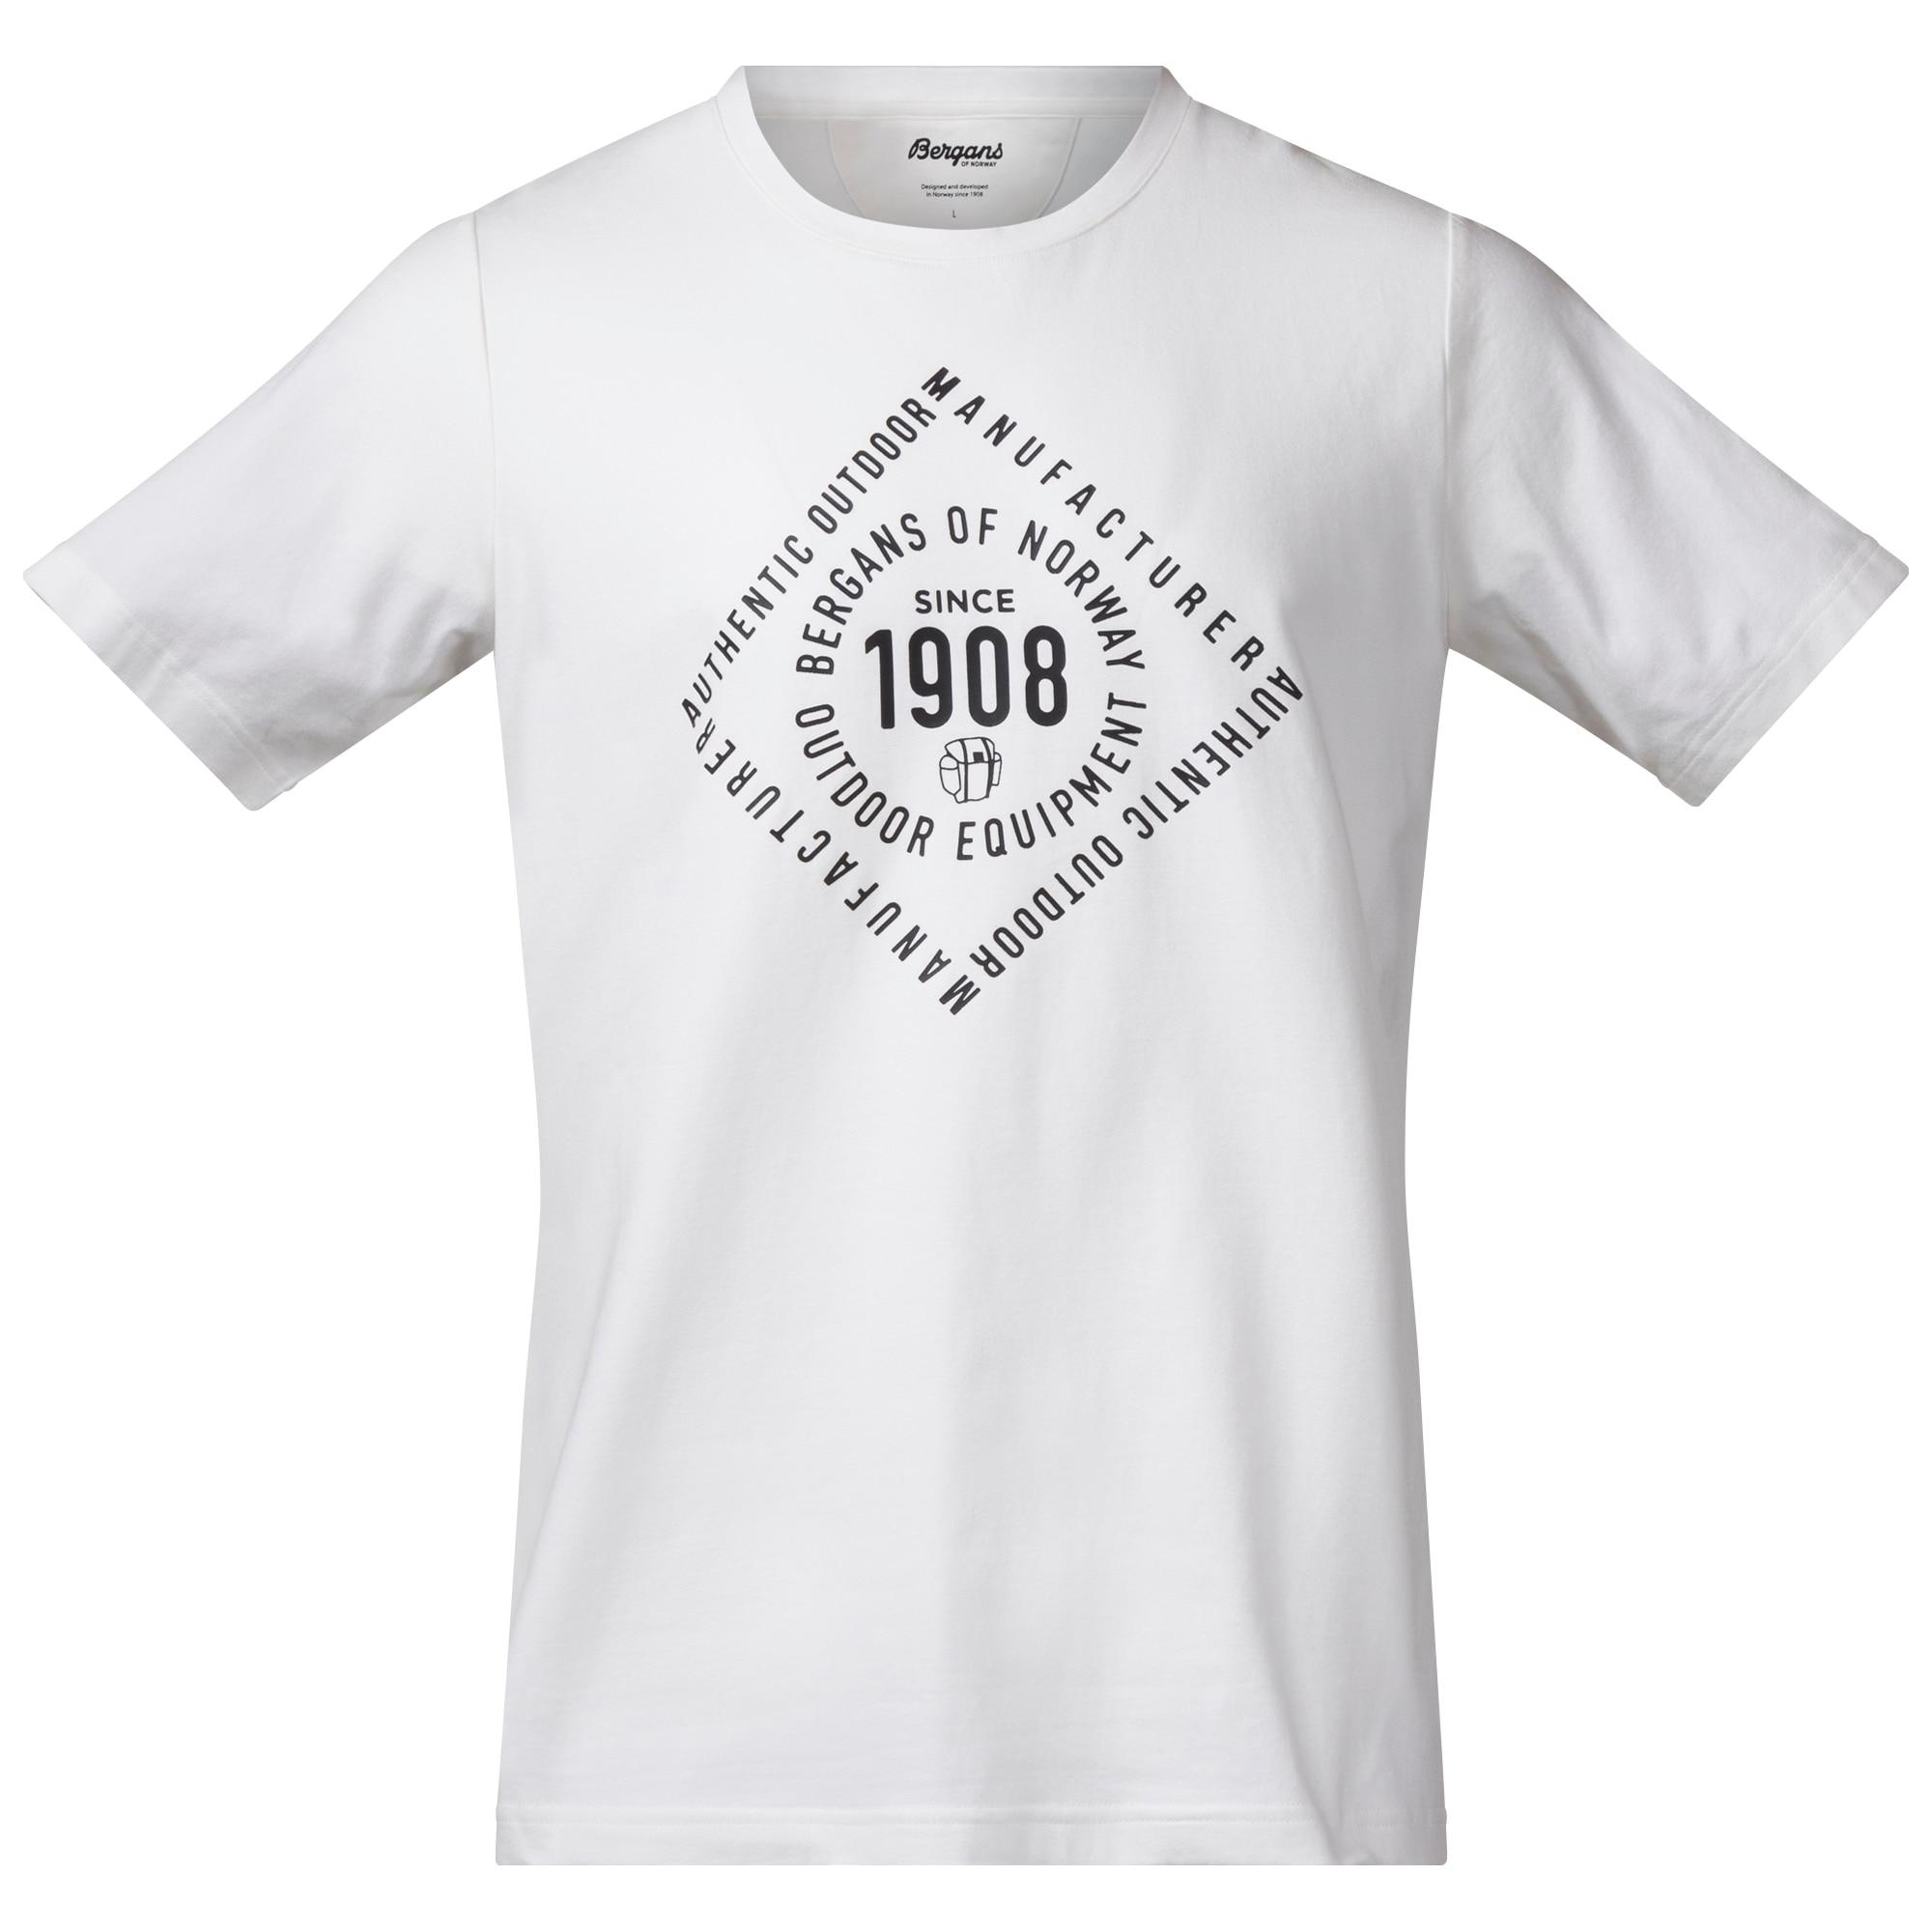 Bergans 1908 Tee